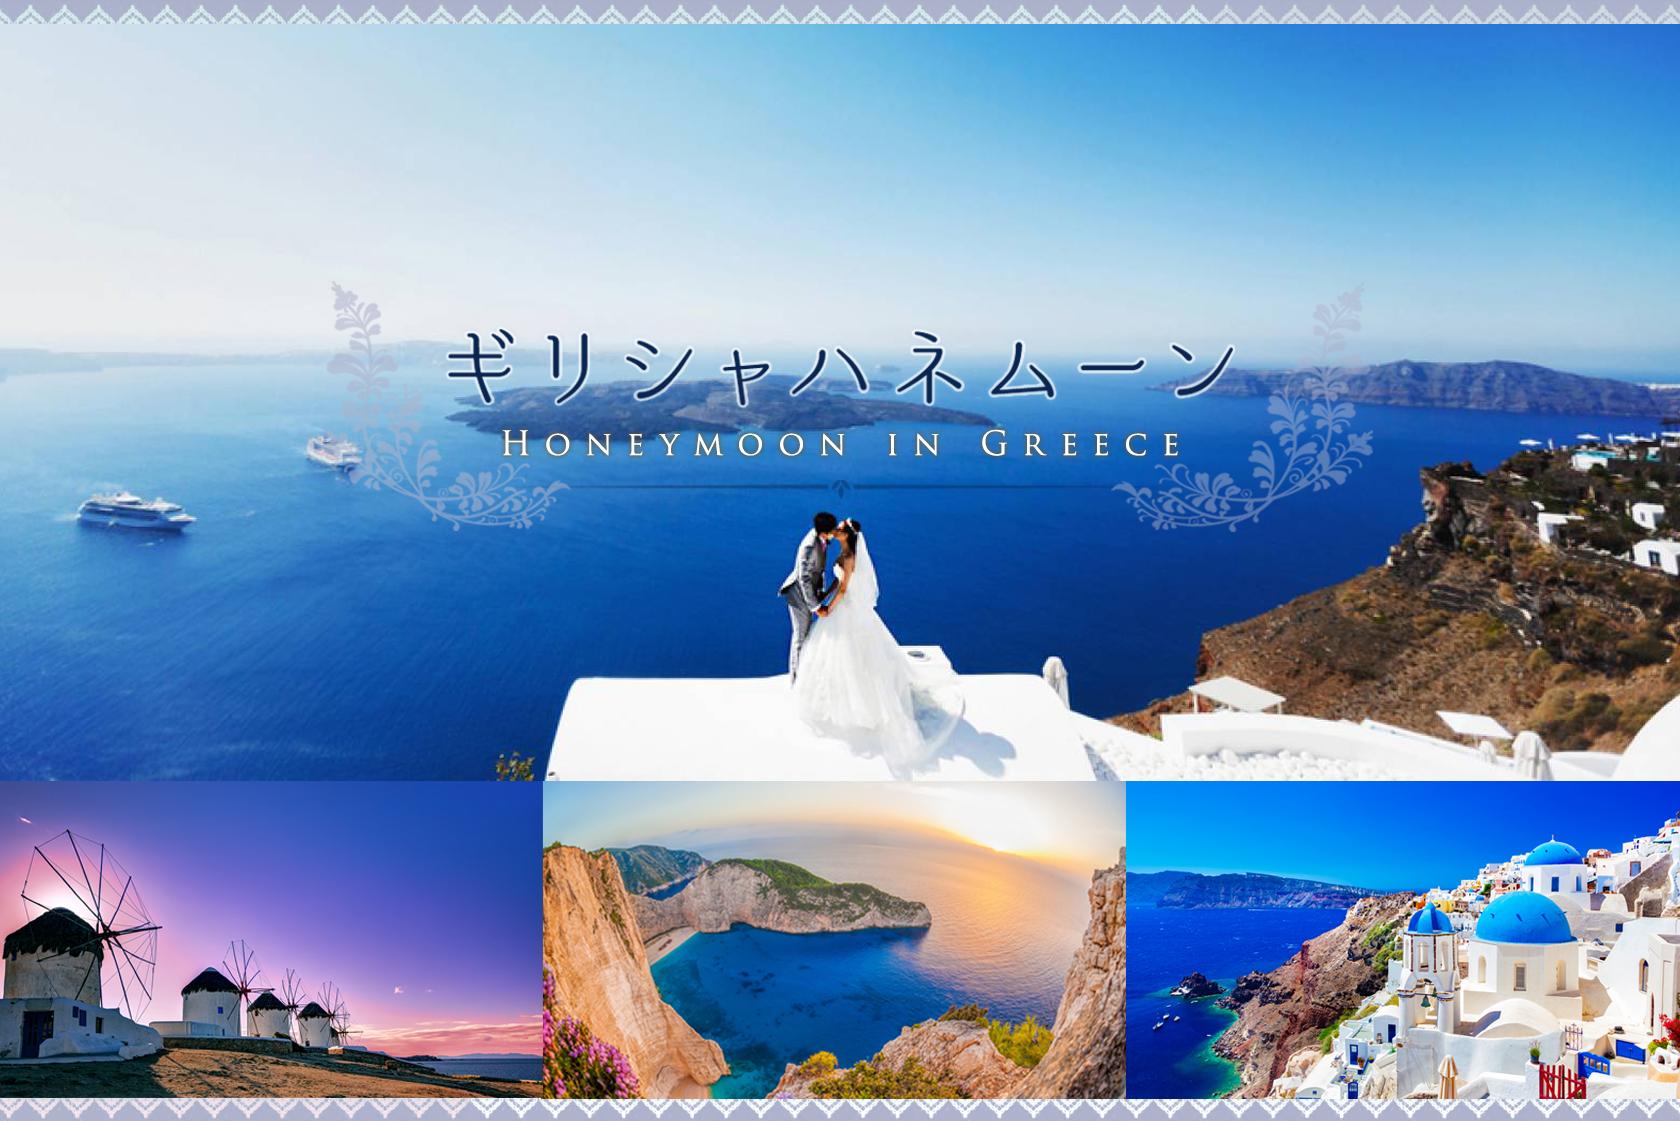 ヨーロッパ旅行・周遊ツアーならユーロ・エクスプレス        ヨーロッパを深く旅する二人で旅する♡ギリシャハネムーン(新婚旅行)&ウェディング